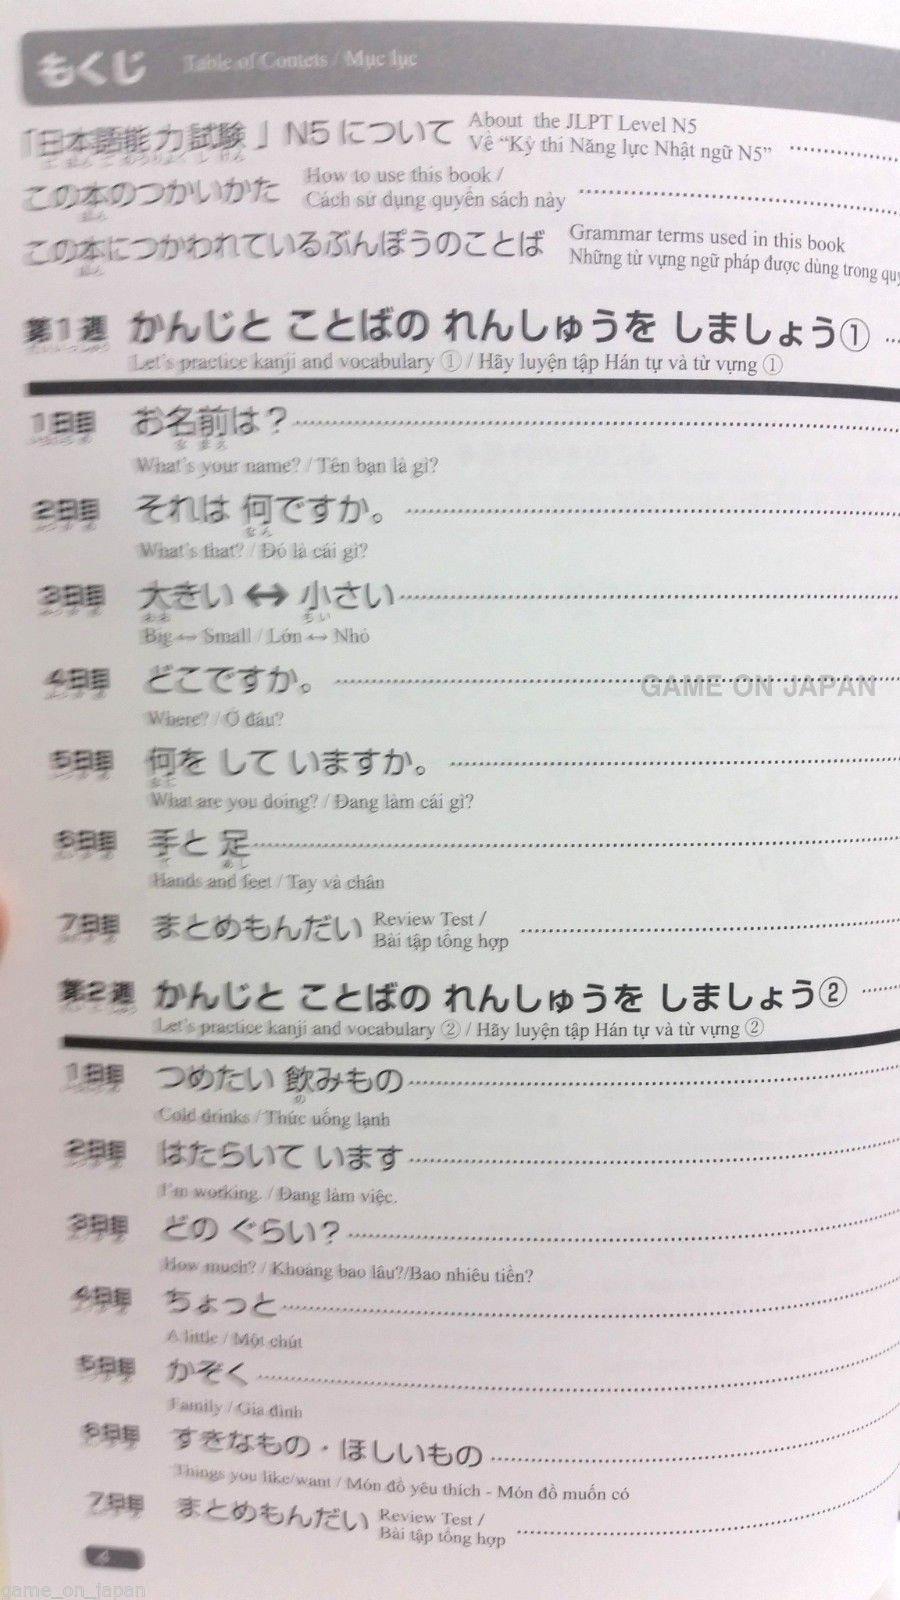 Nihongo So Matome JLPT N5 Japanese Proficiency Language Test